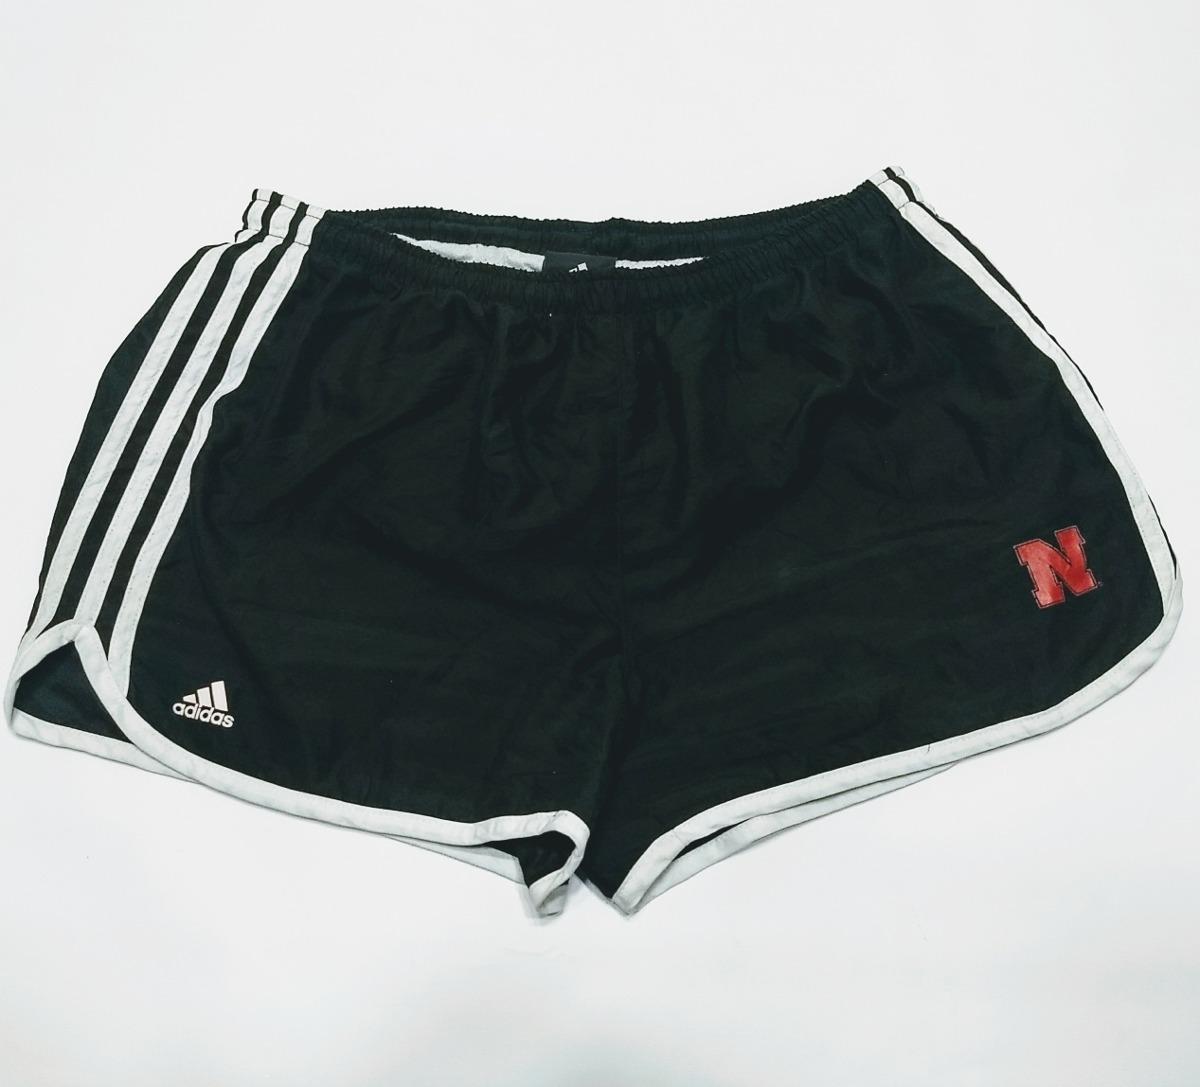 Y Running Talle Adidas Short Blanco Universitario 00 500 L Negro awAYx